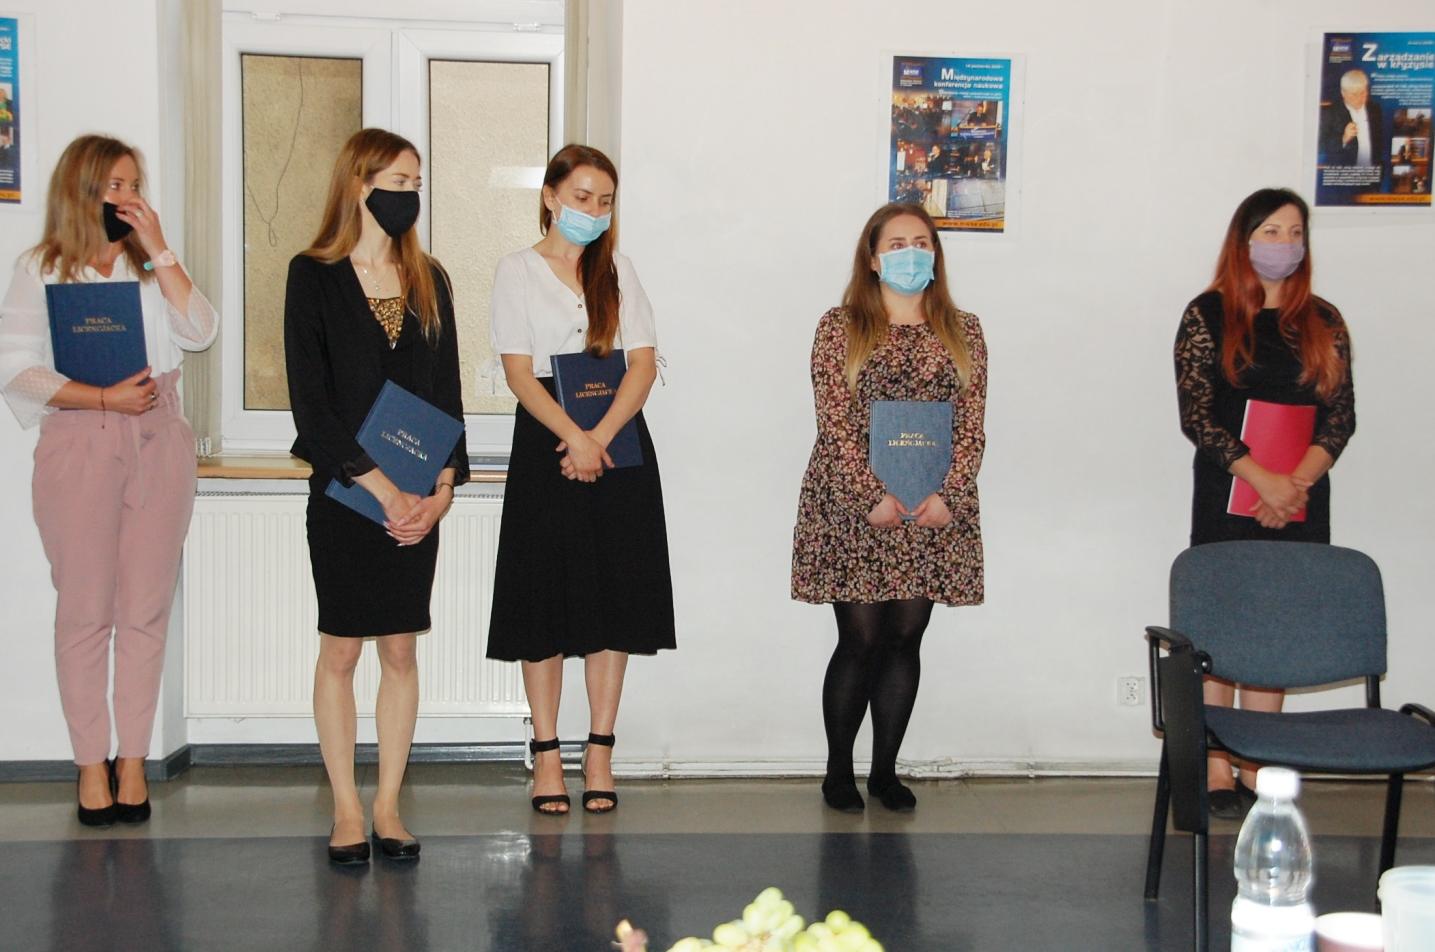 Studentki w sali egzaminacyjnej podczas ogłoszenia wyników egzaminu dyplomowego